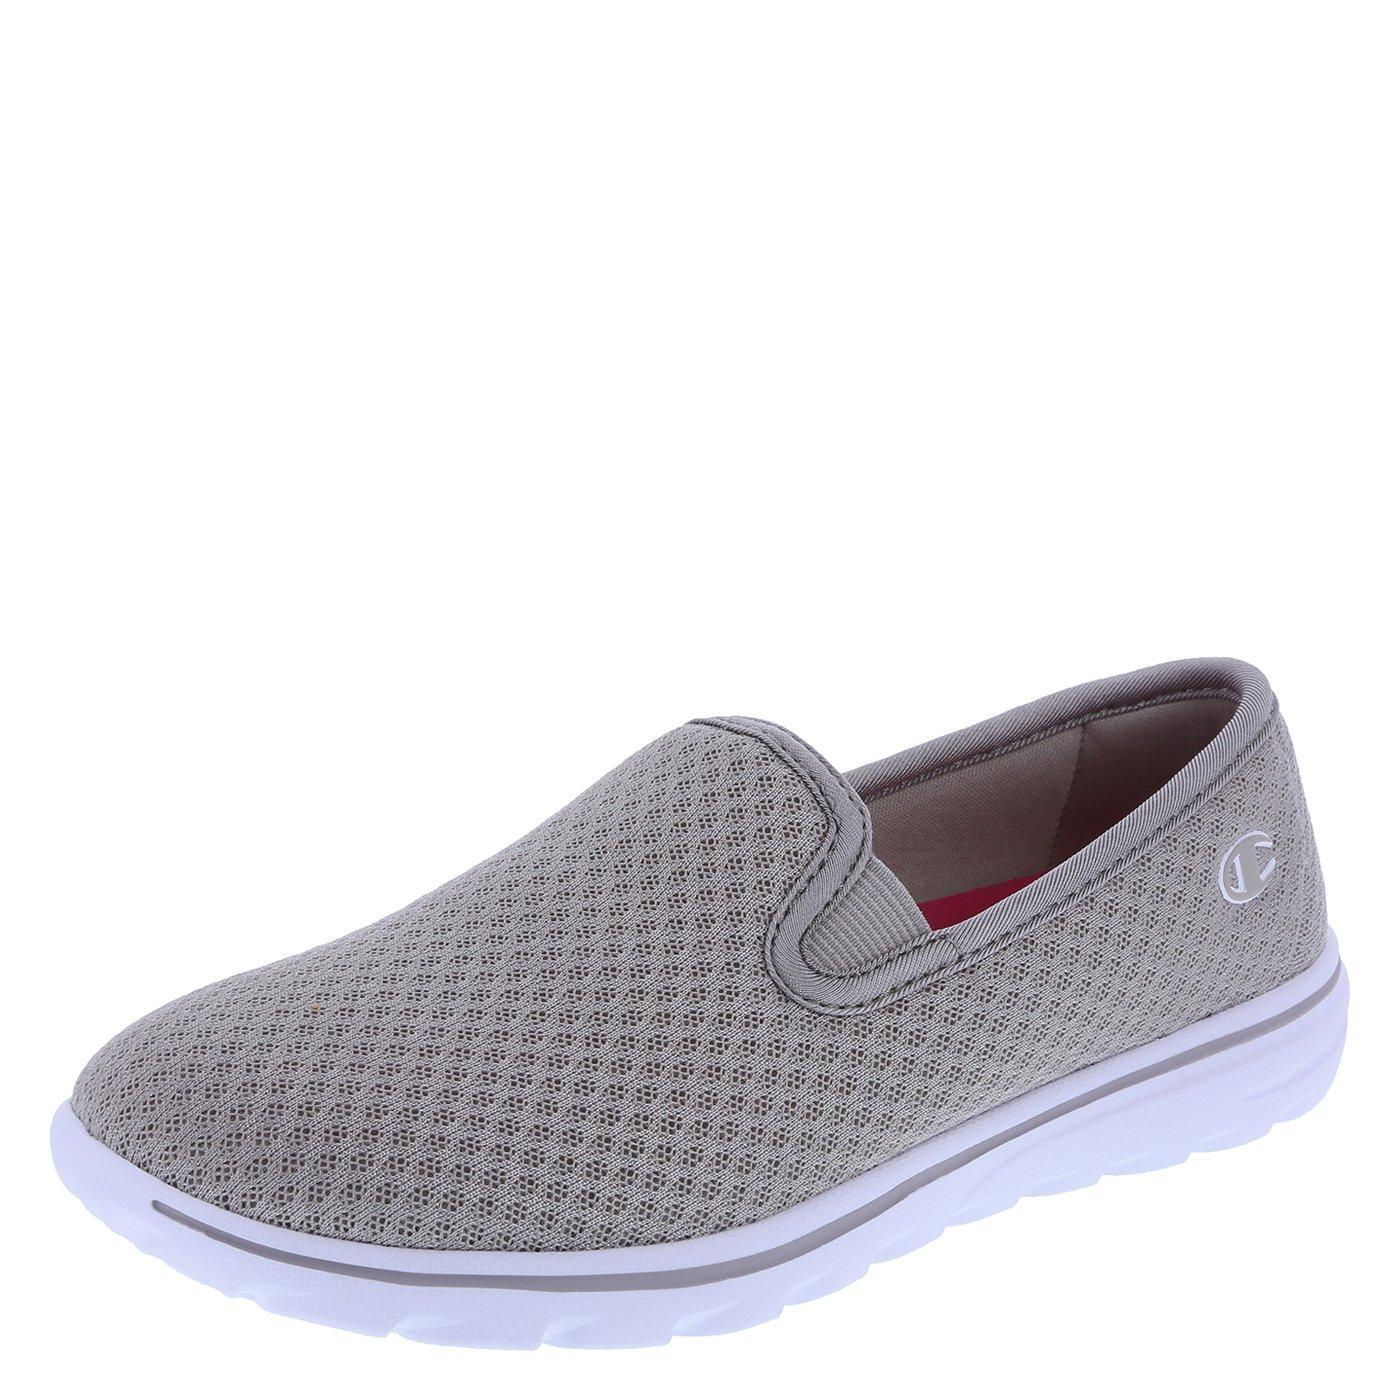 042f998fe2f Skechers Sport Women s Good Life Fashion Sneaker 22468  1541579263 ...